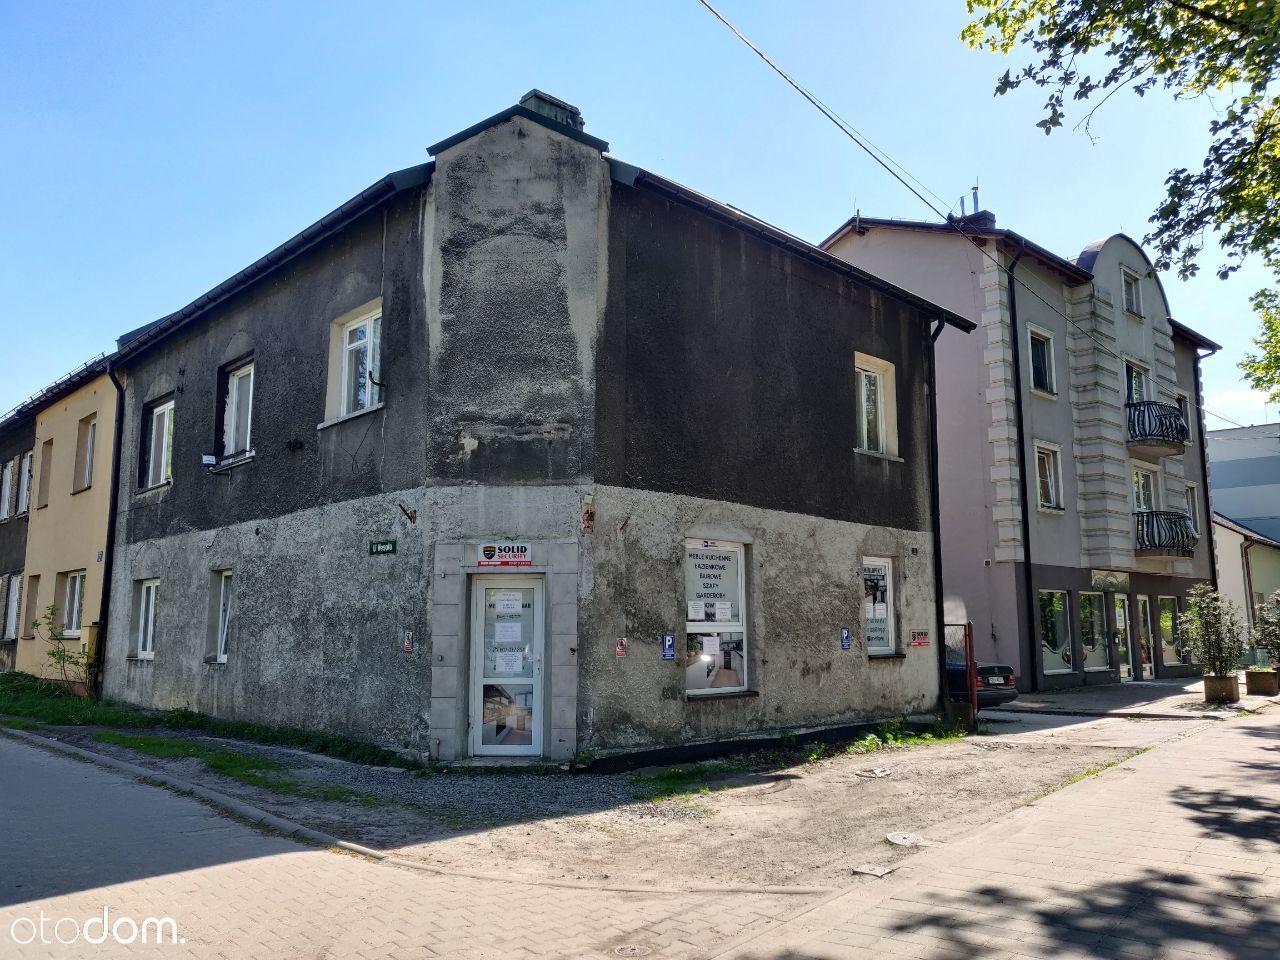 Mieszkanie i lokal użytkowy 100m2 parter domu